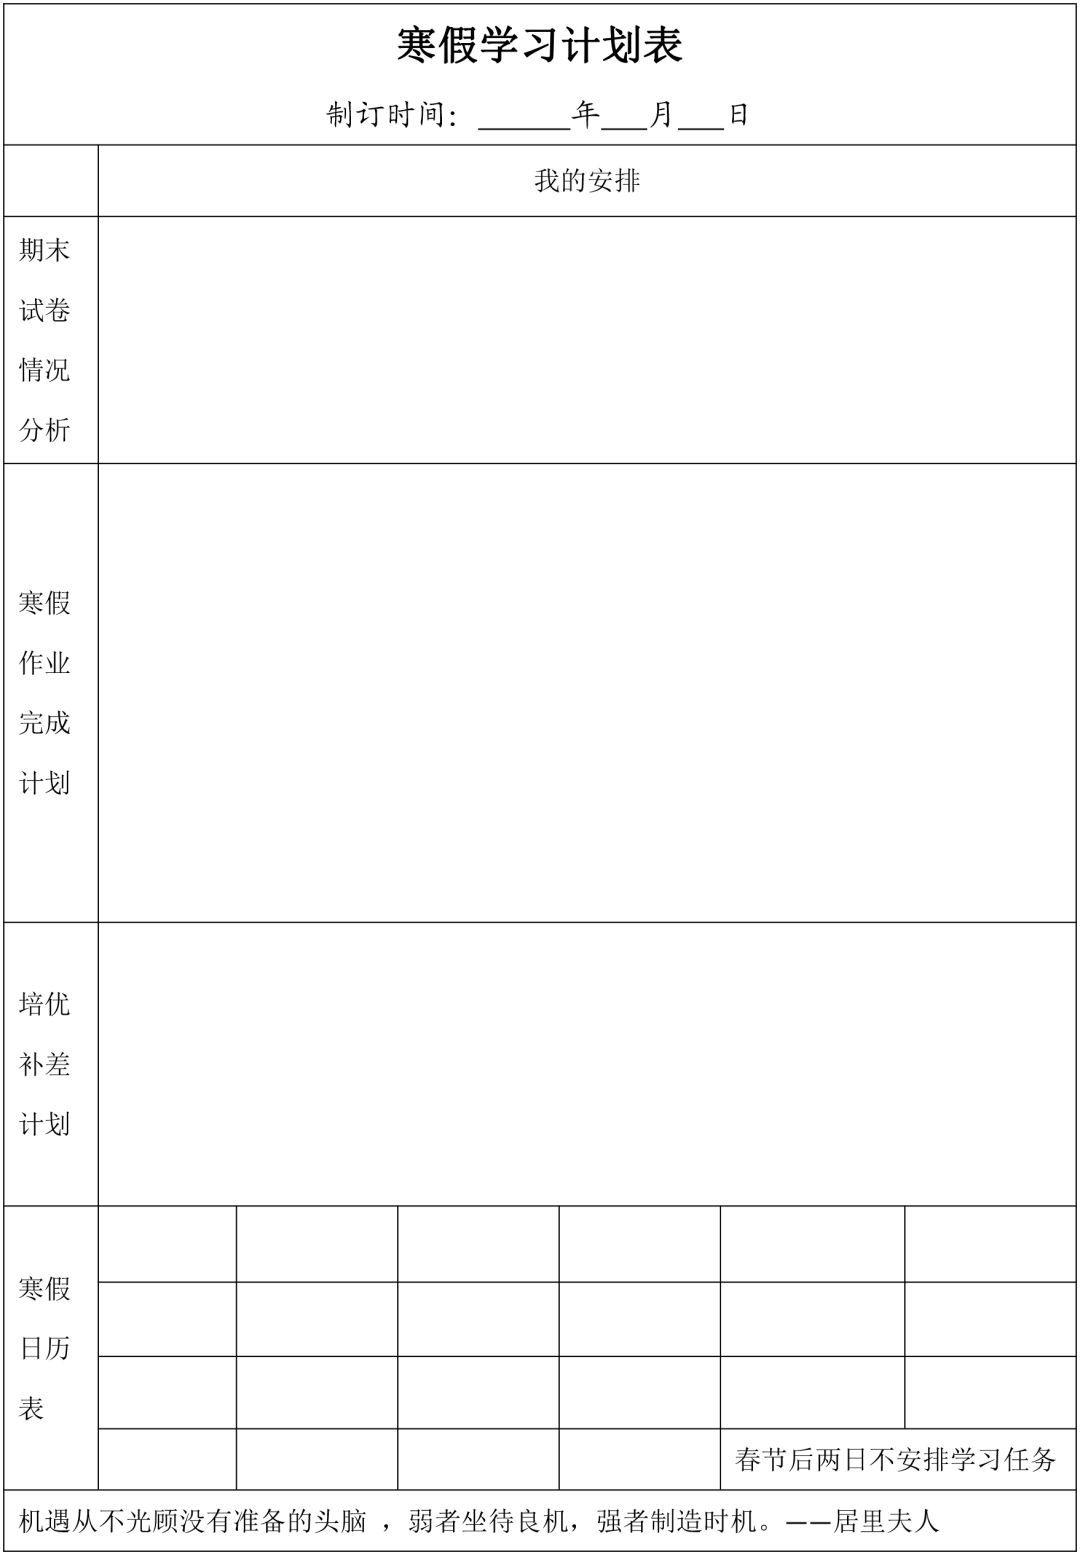 衡水中学的作息表,究竟是什么样的? | 附学习计划表,可下载图片